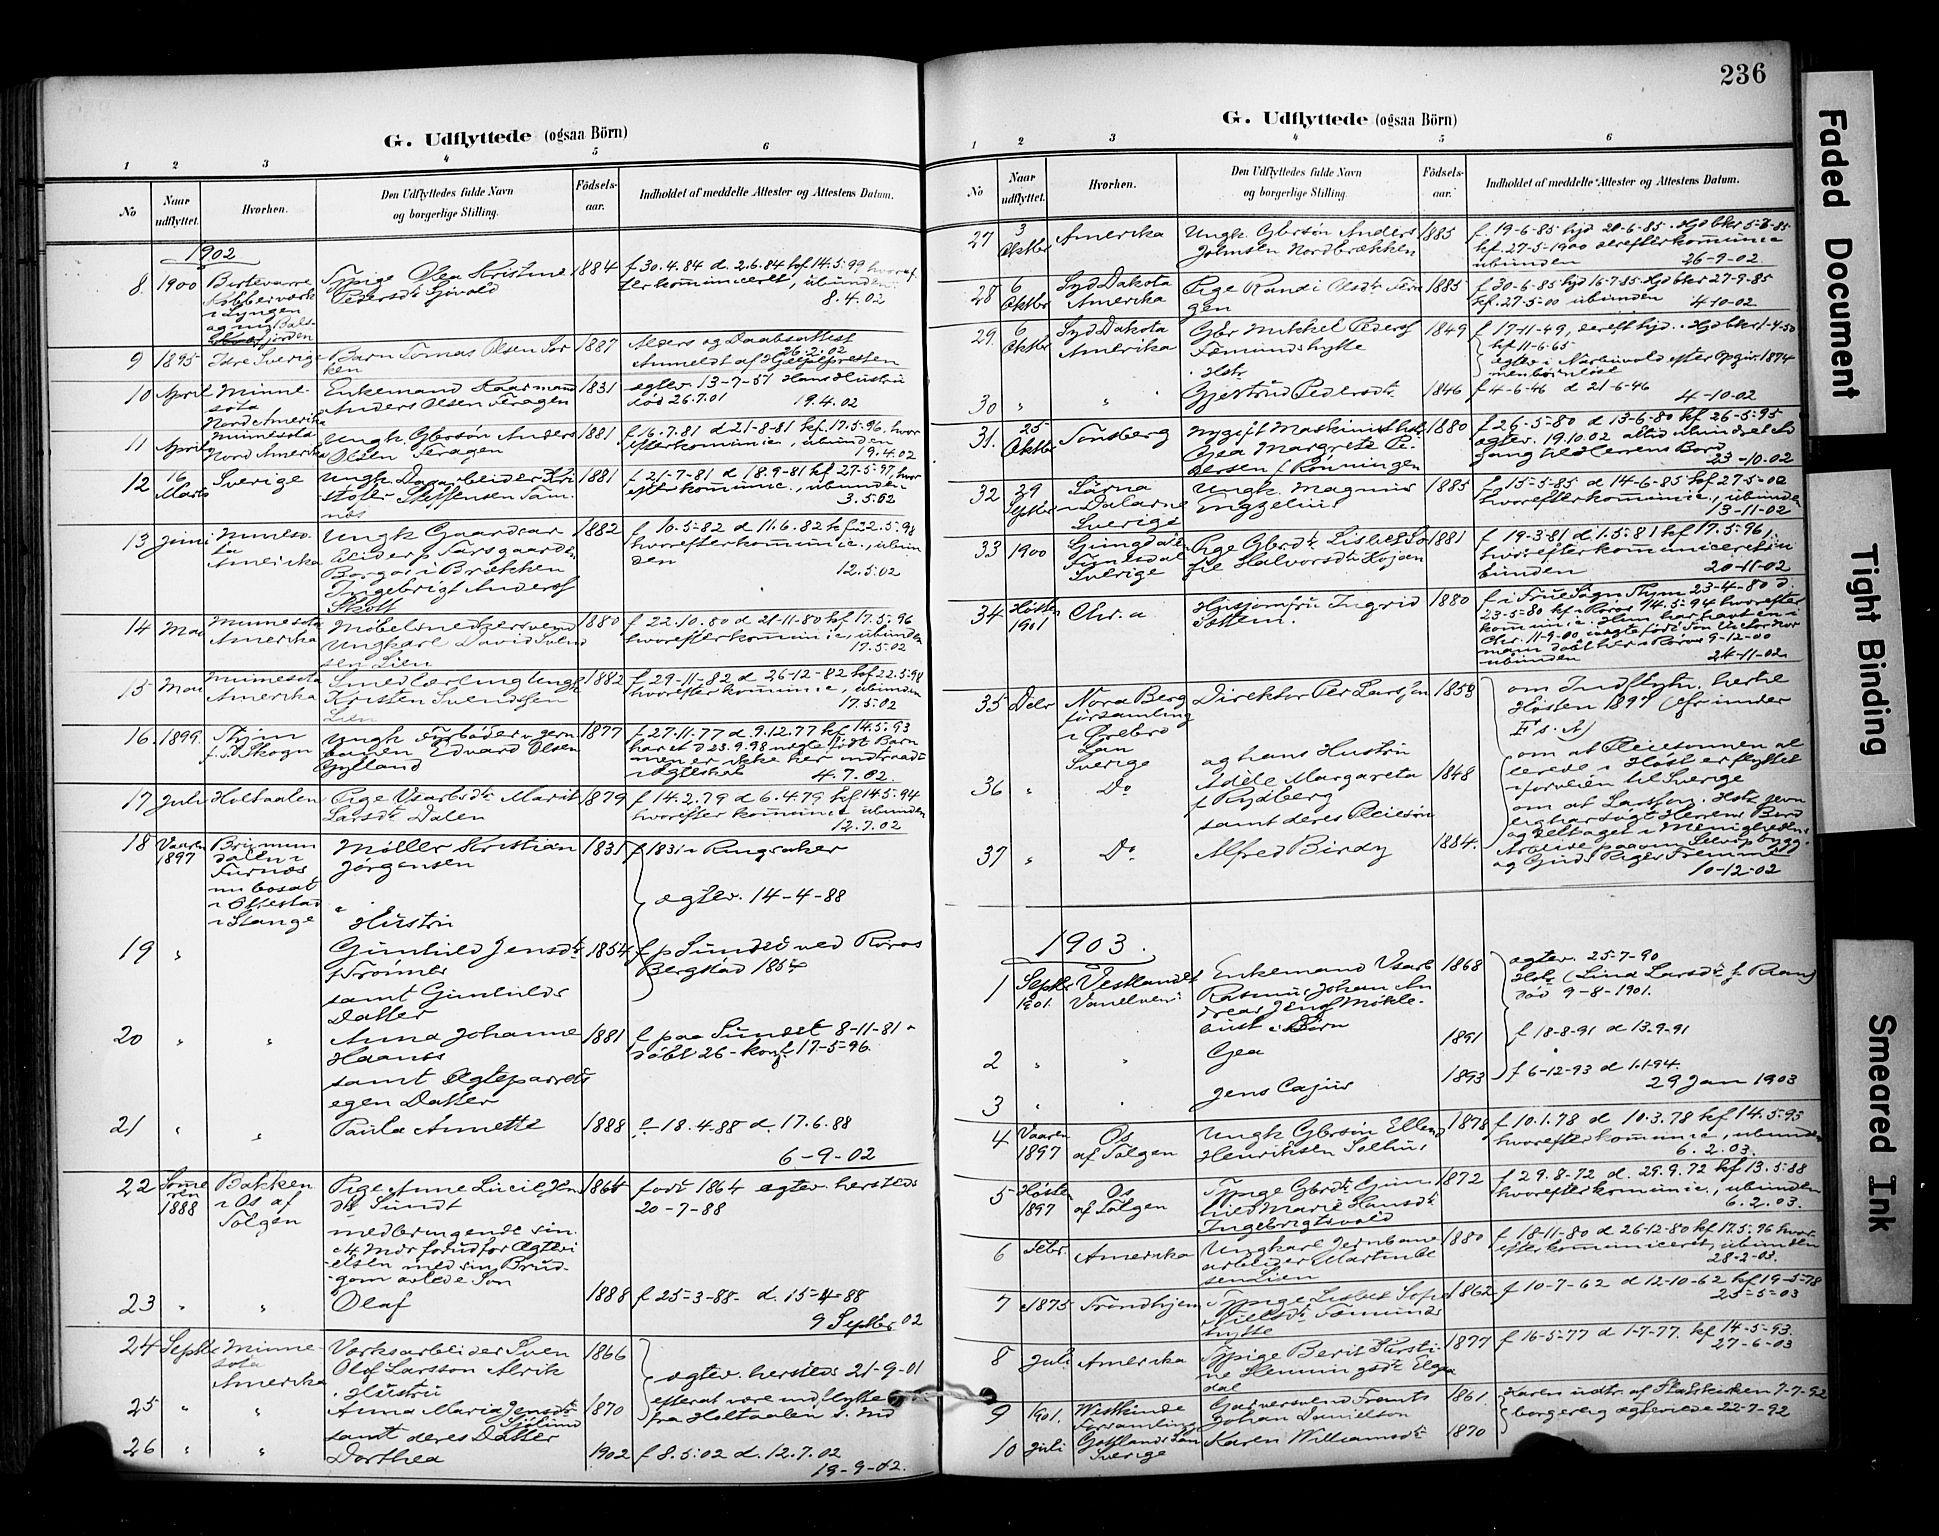 SAT, Ministerialprotokoller, klokkerbøker og fødselsregistre - Sør-Trøndelag, 681/L0936: Ministerialbok nr. 681A14, 1899-1908, s. 236